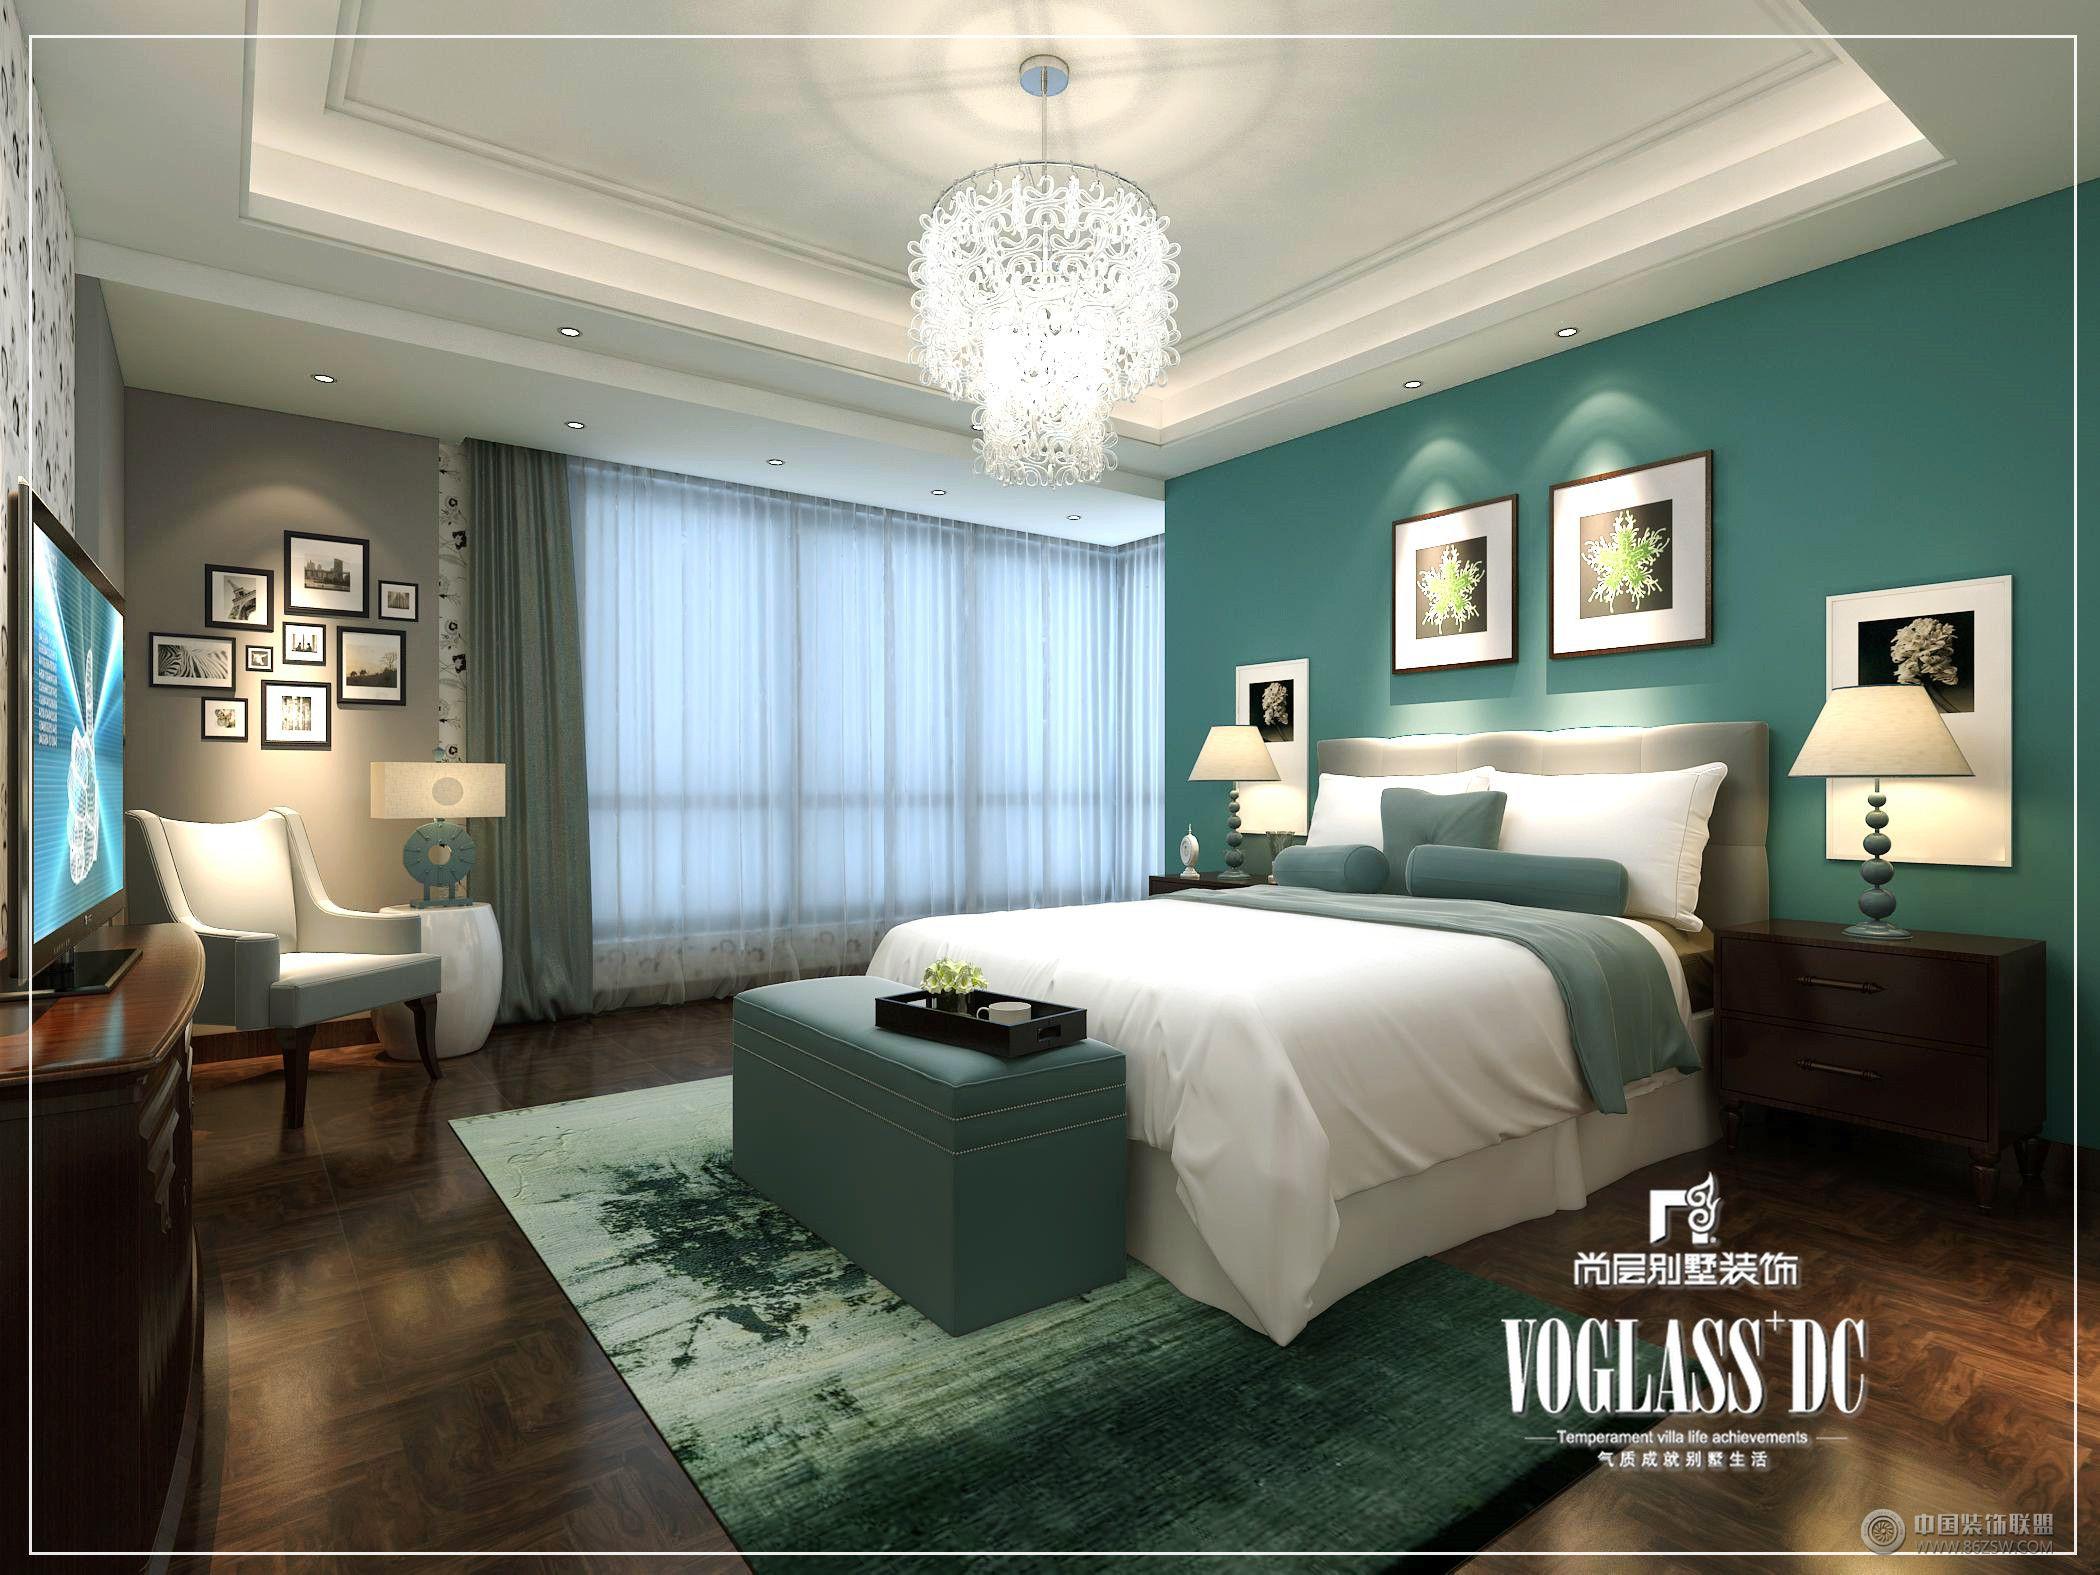 长城半岛城邦现代简约风格-卧室装修效果图-八六(中国